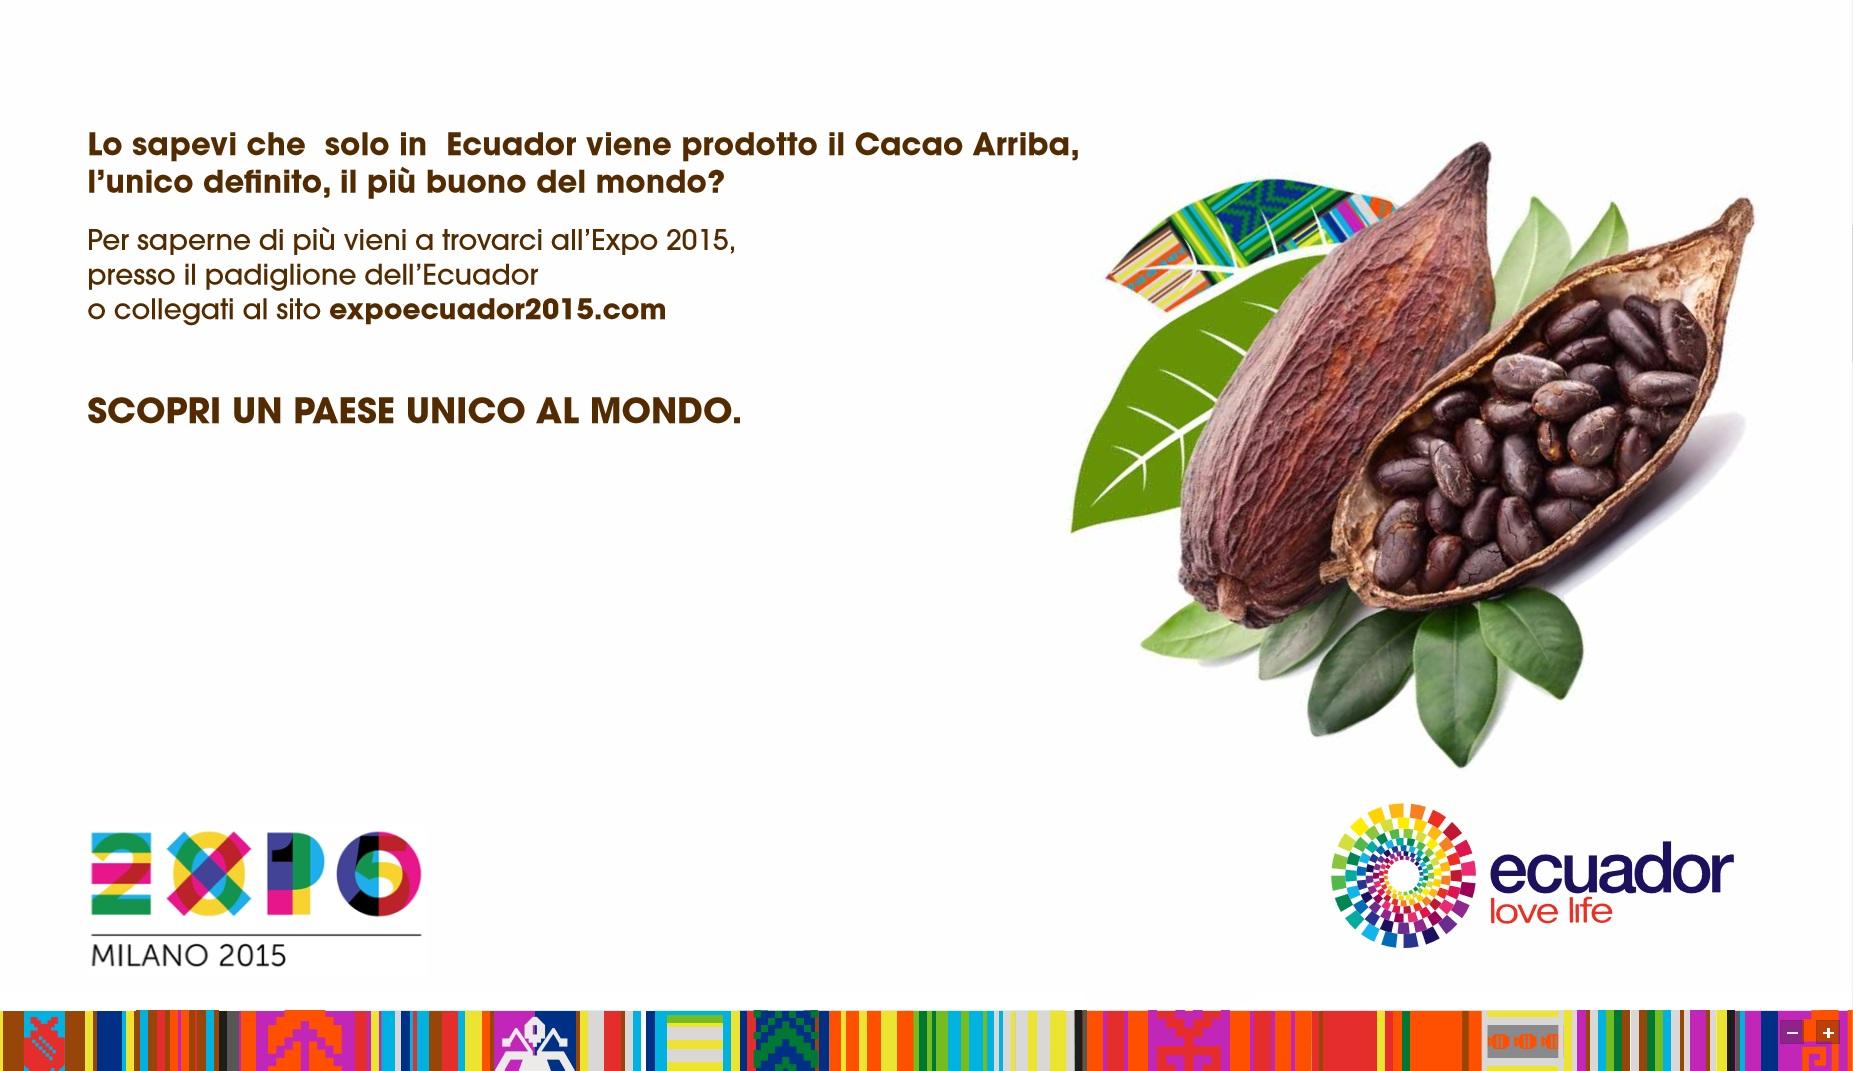 Expo Milano Stand Ecuador : Expo presentato il padiglione dell ecuador